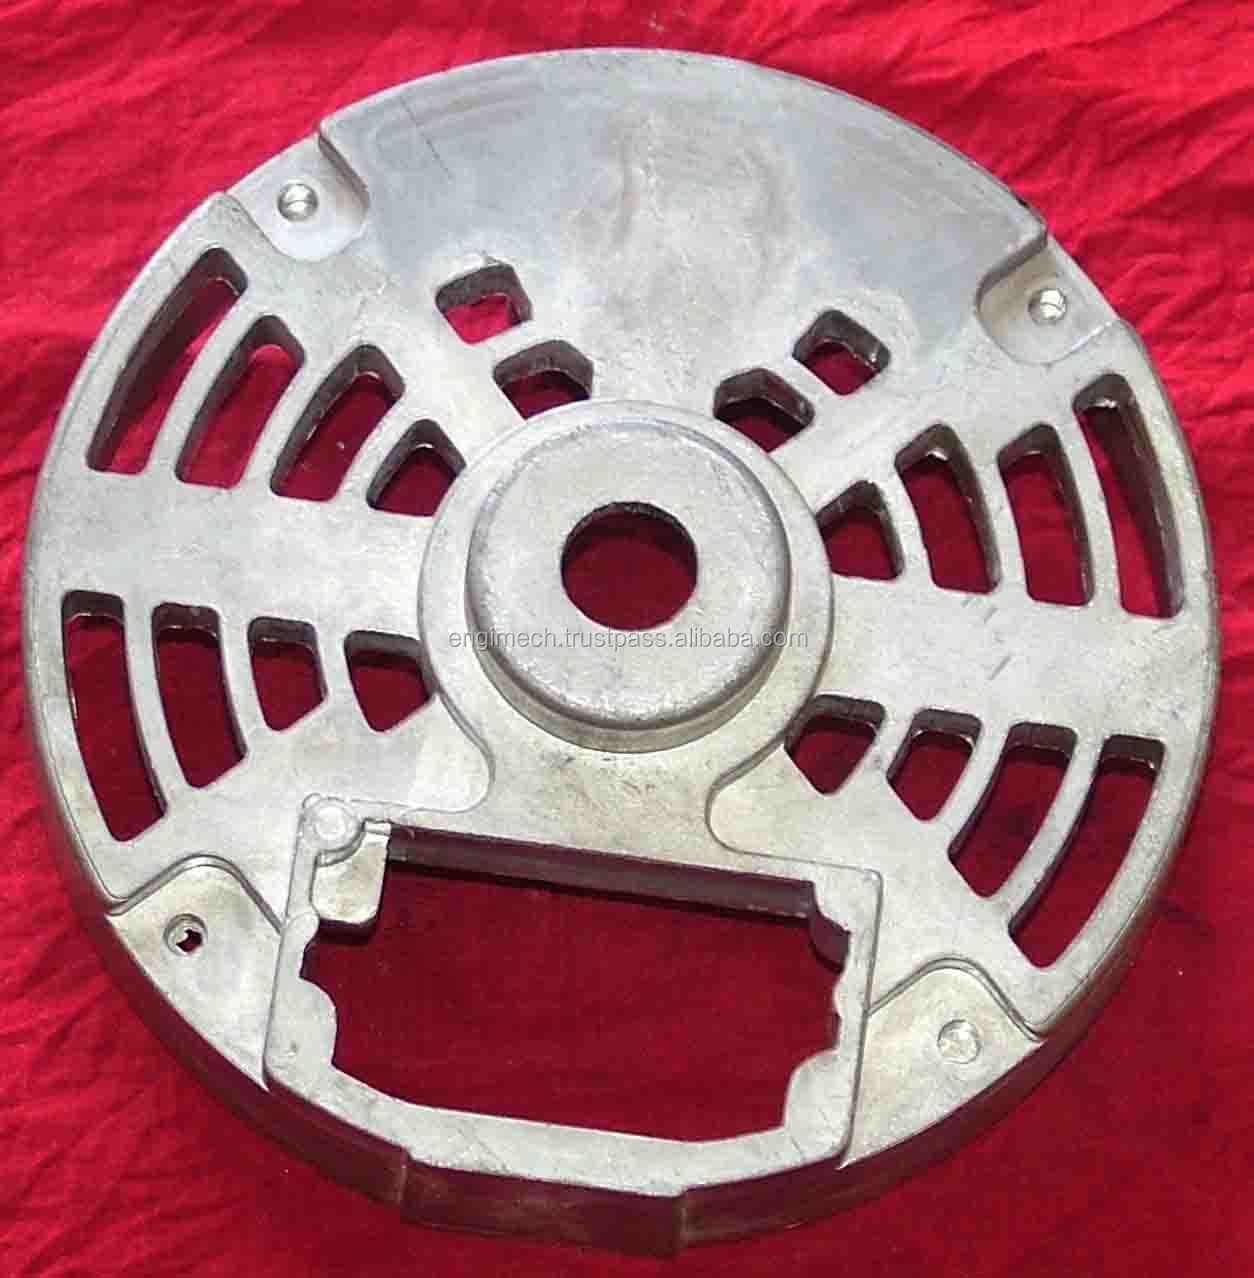 Finden Sie Hohe Qualität Druckguss-motor-teil Hersteller und ...